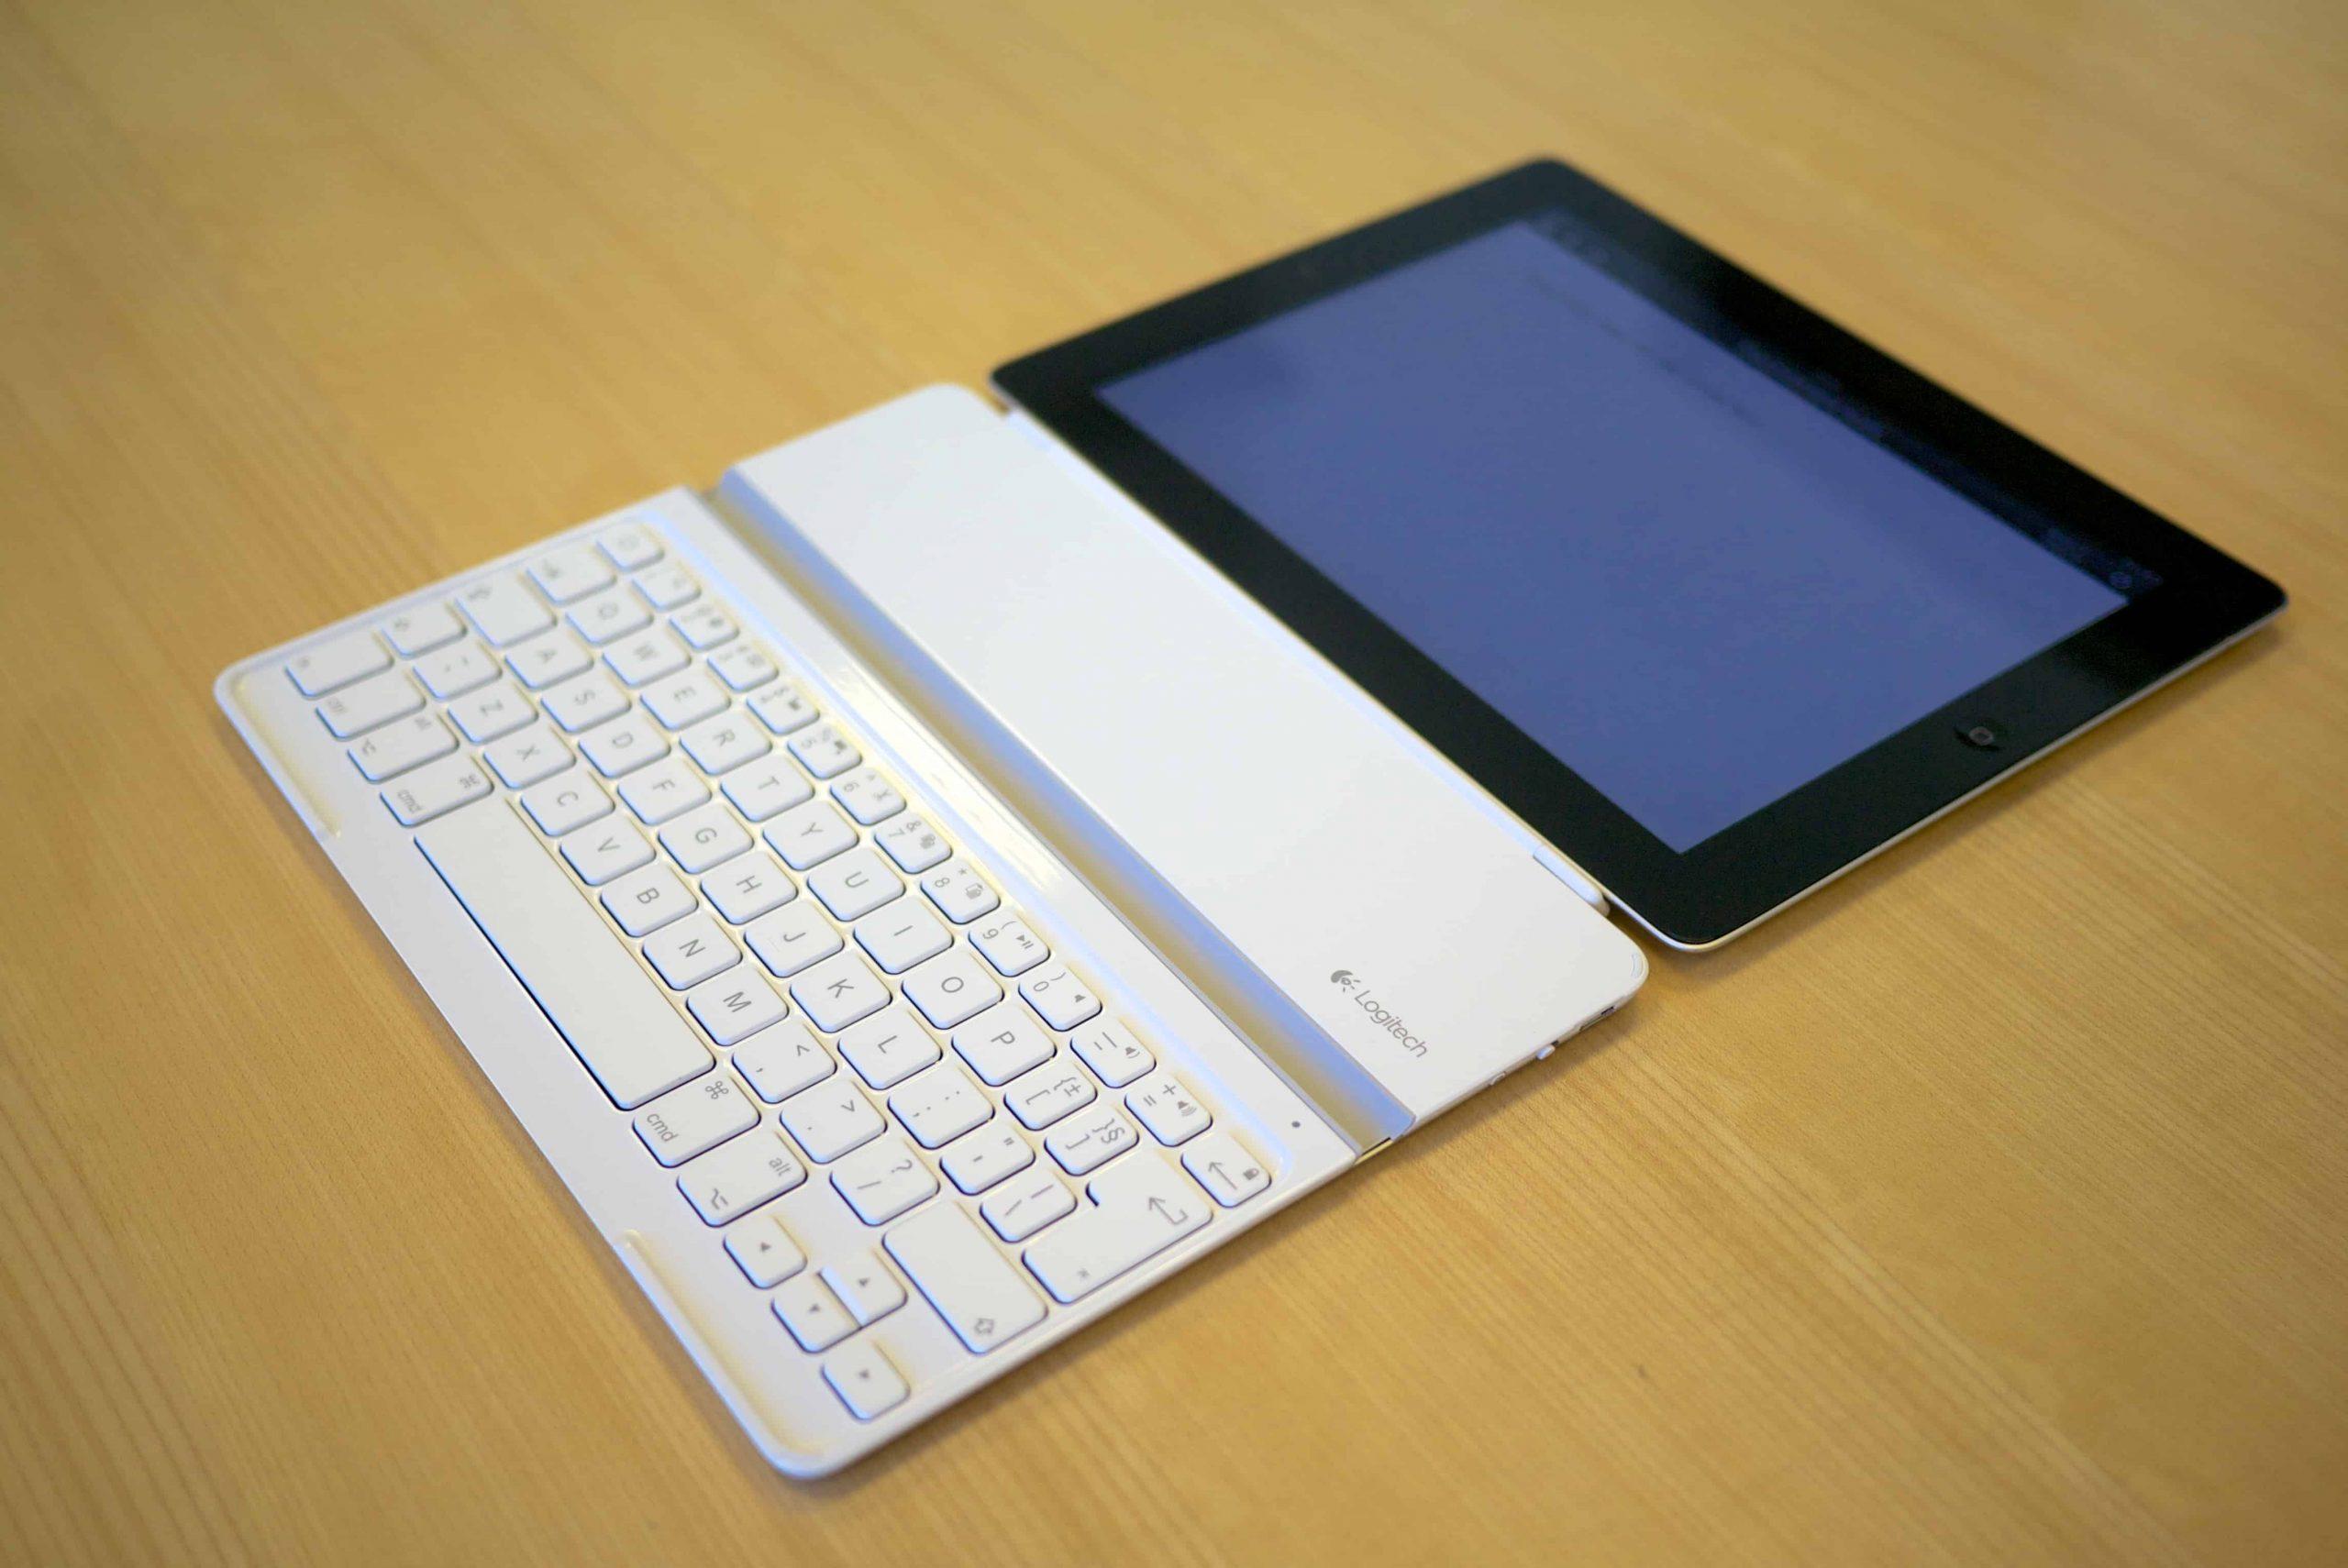 Tablet con tastiera: i migliori prodotti (10/21)